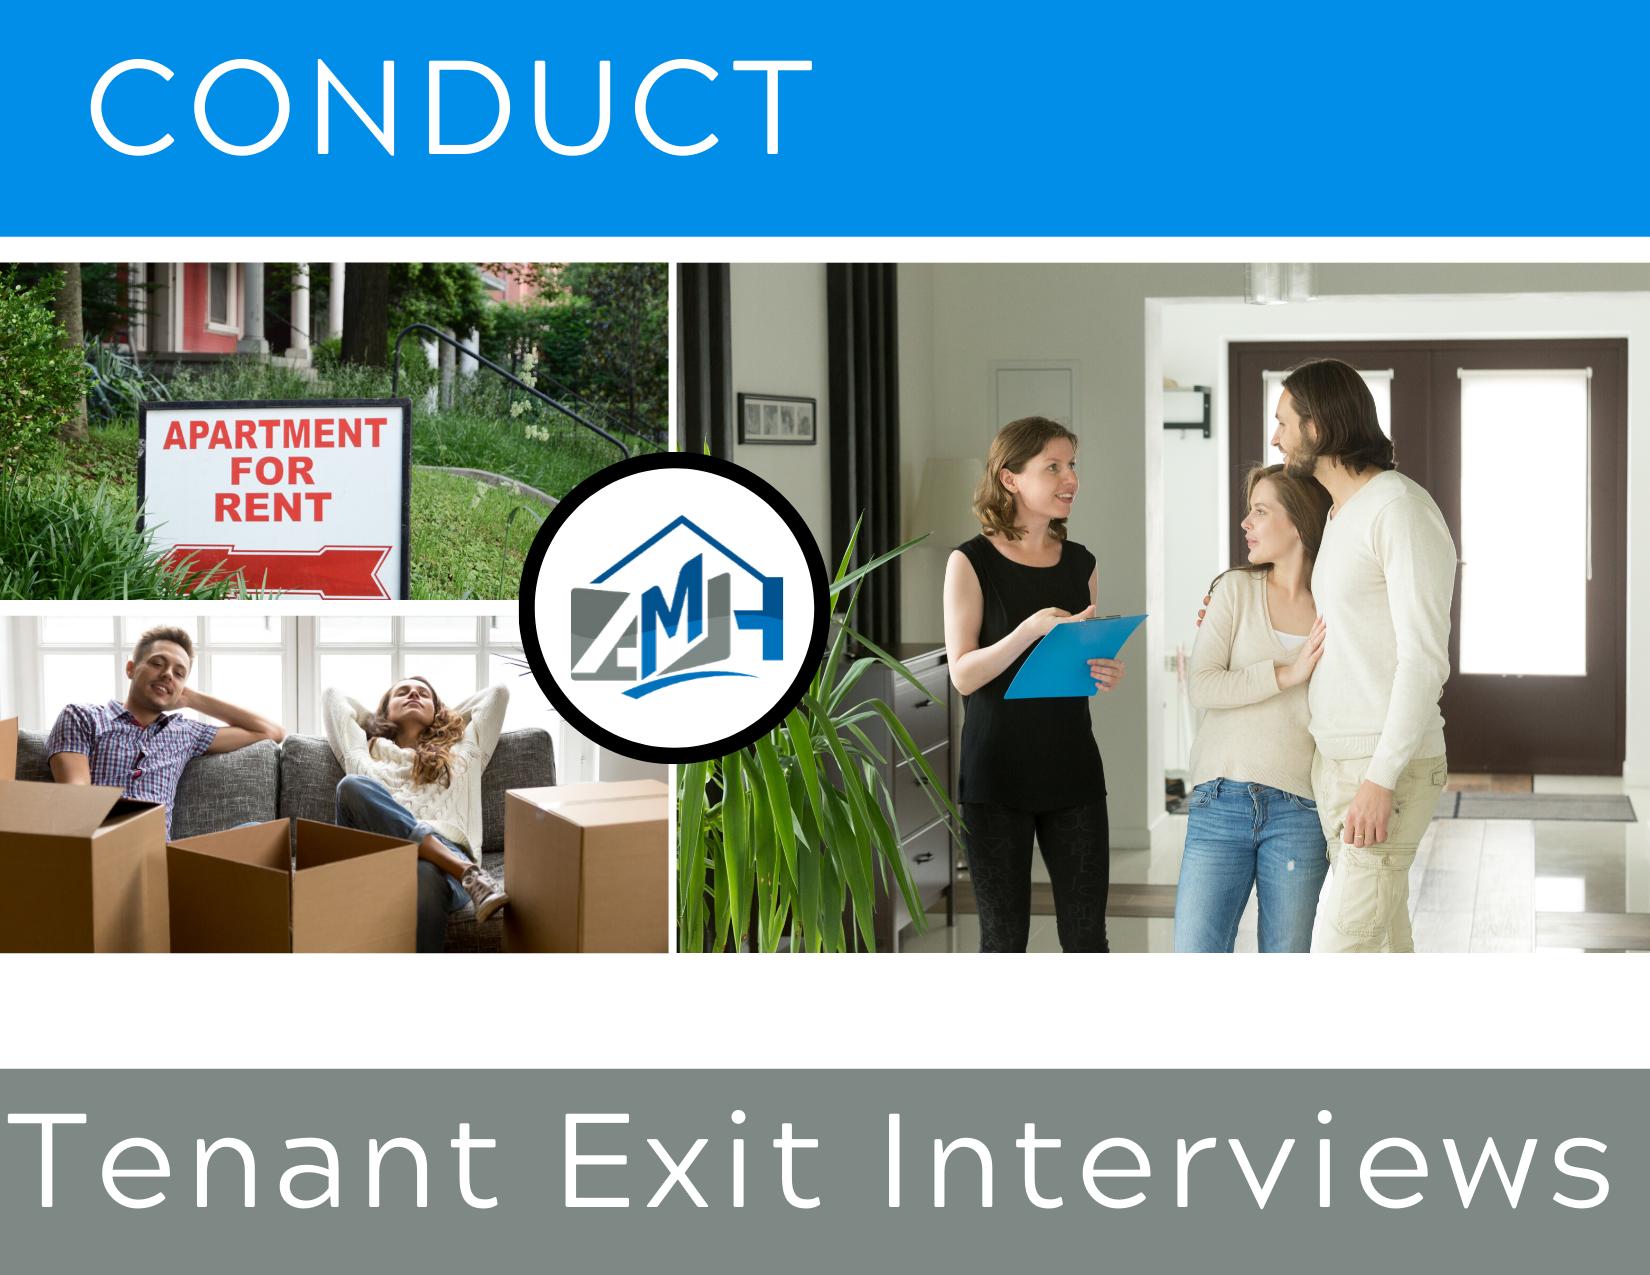 Efficiency: Tenant Exit Interviews